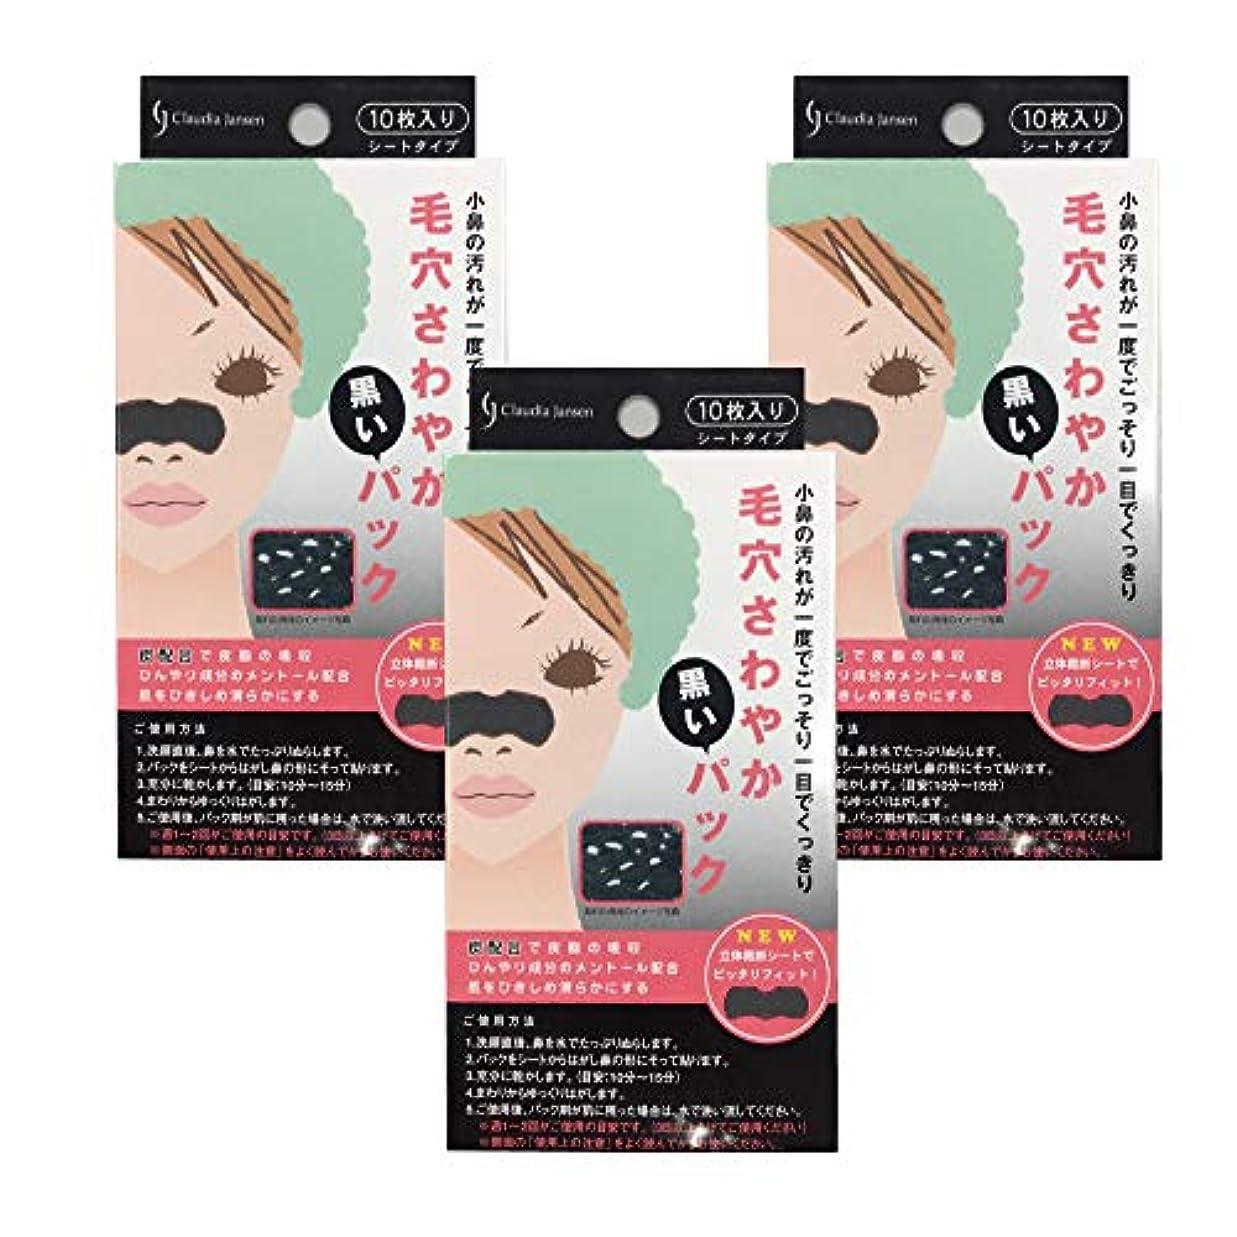 毛穴パック 黒ずみケア さわやか黒いパック 30枚セット(10枚入×3箱)